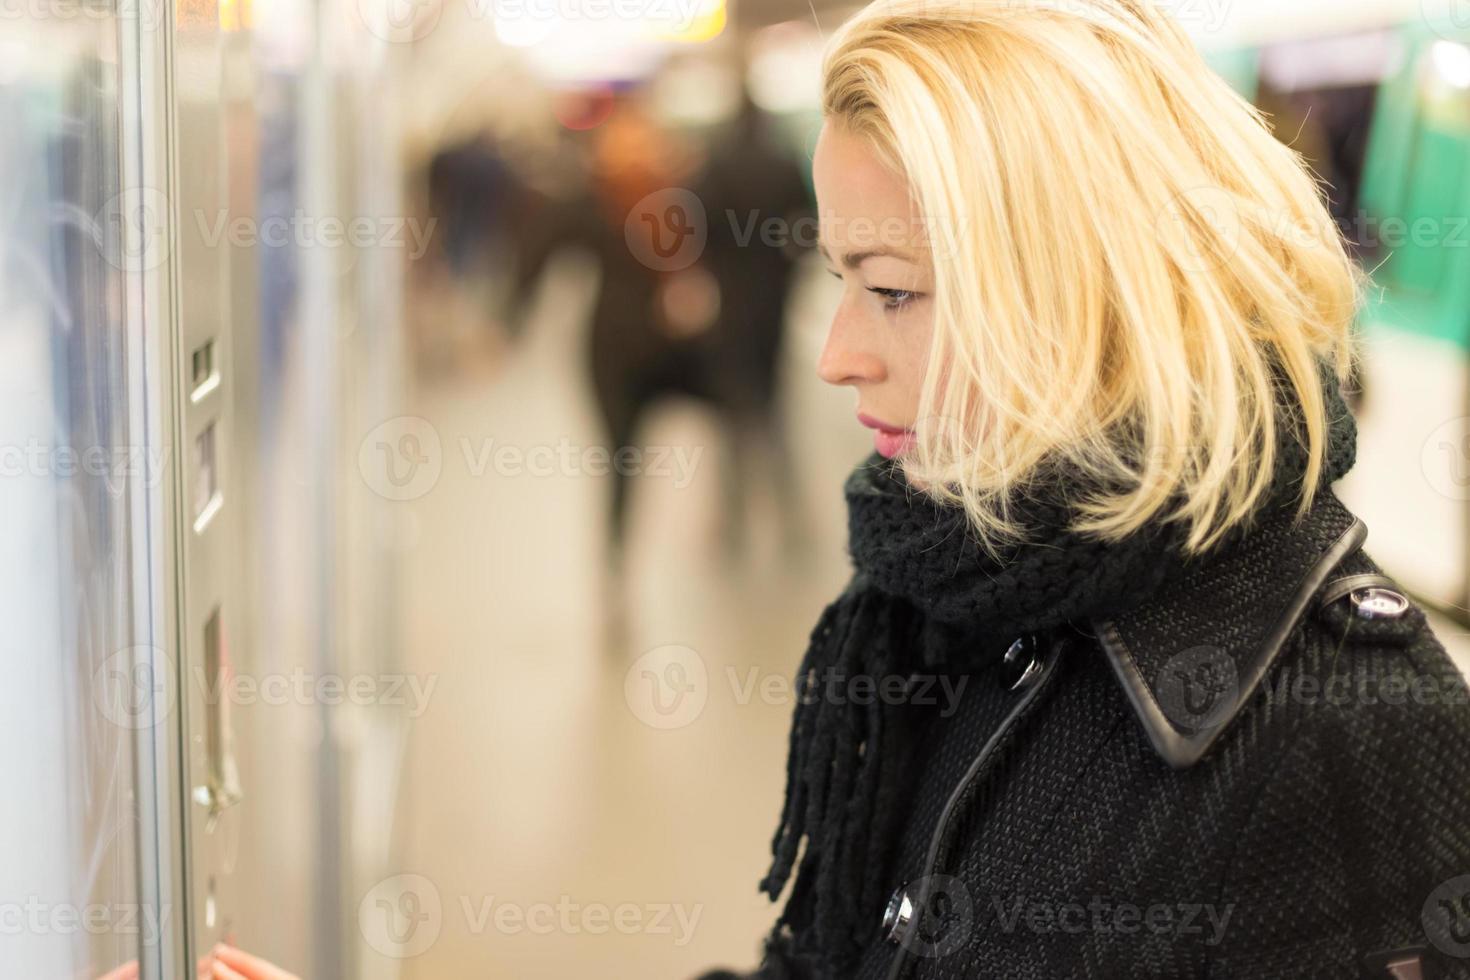 signora che compra il biglietto per il trasporto pubblico. foto